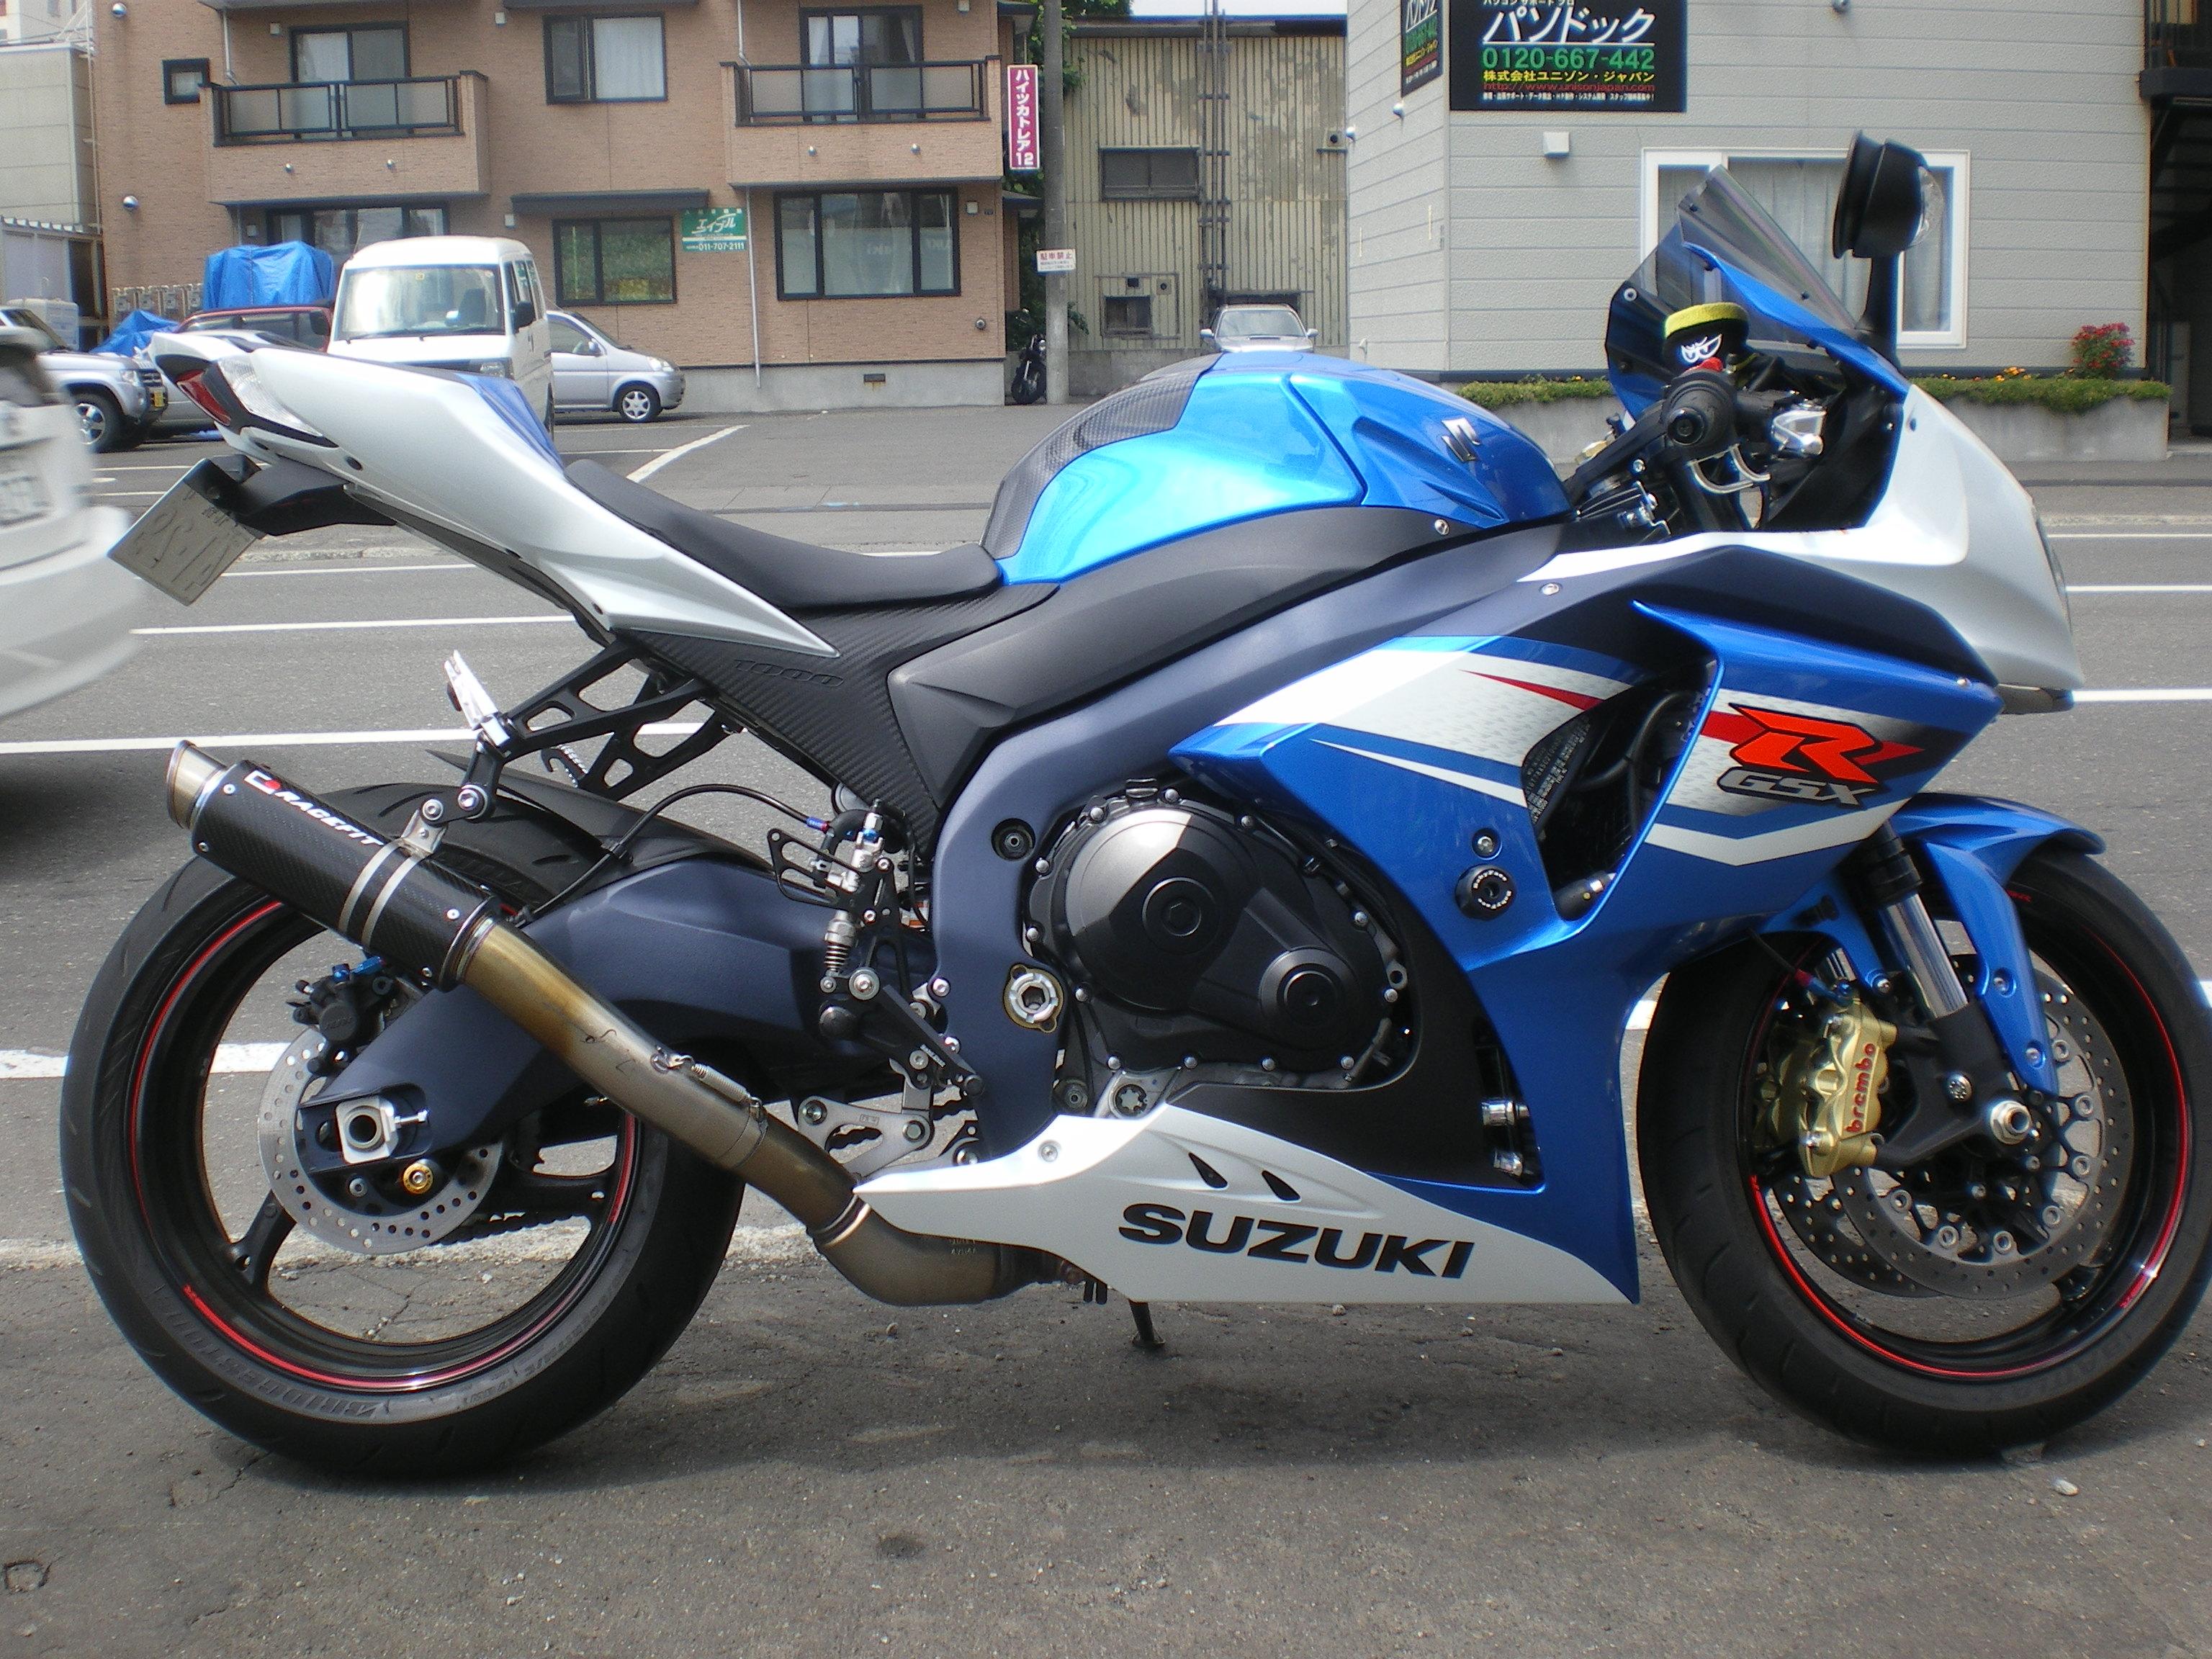 SUZ025